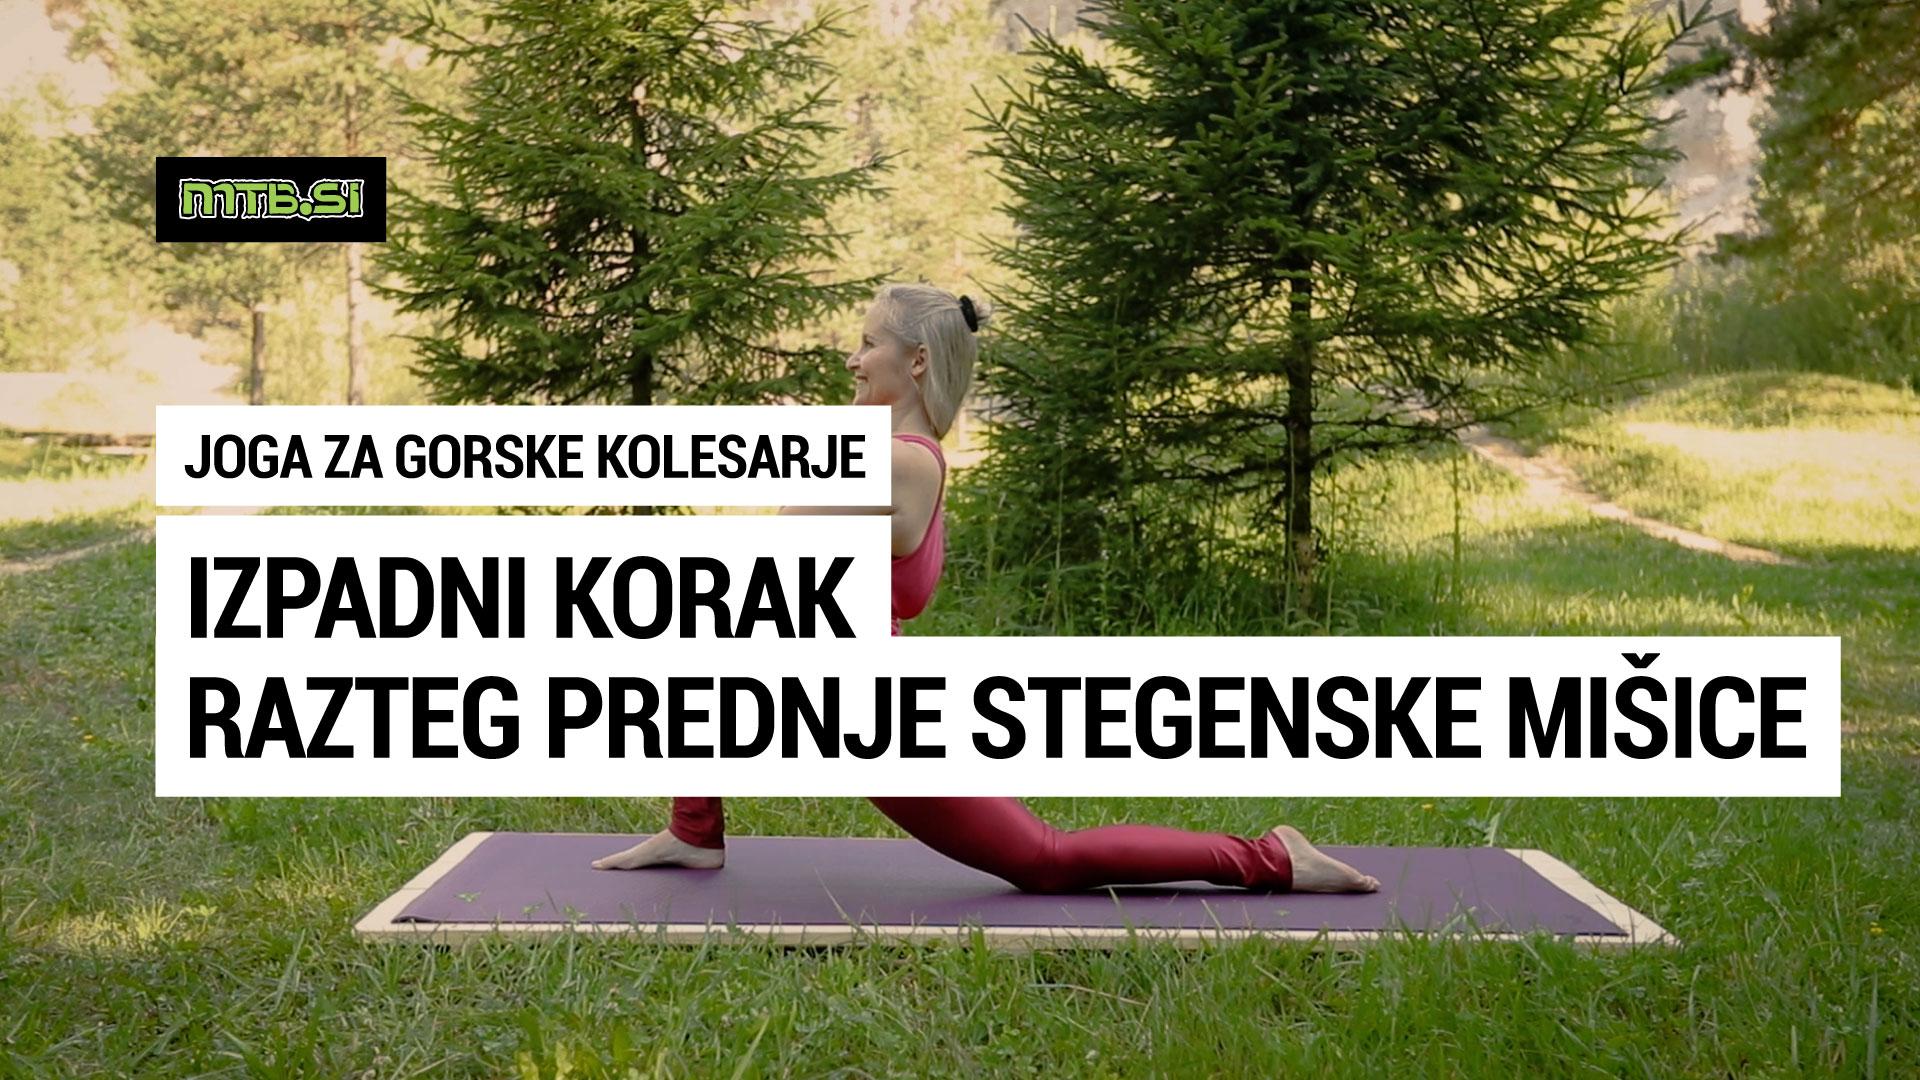 Izpadni korak - joga za gorske kolesarje